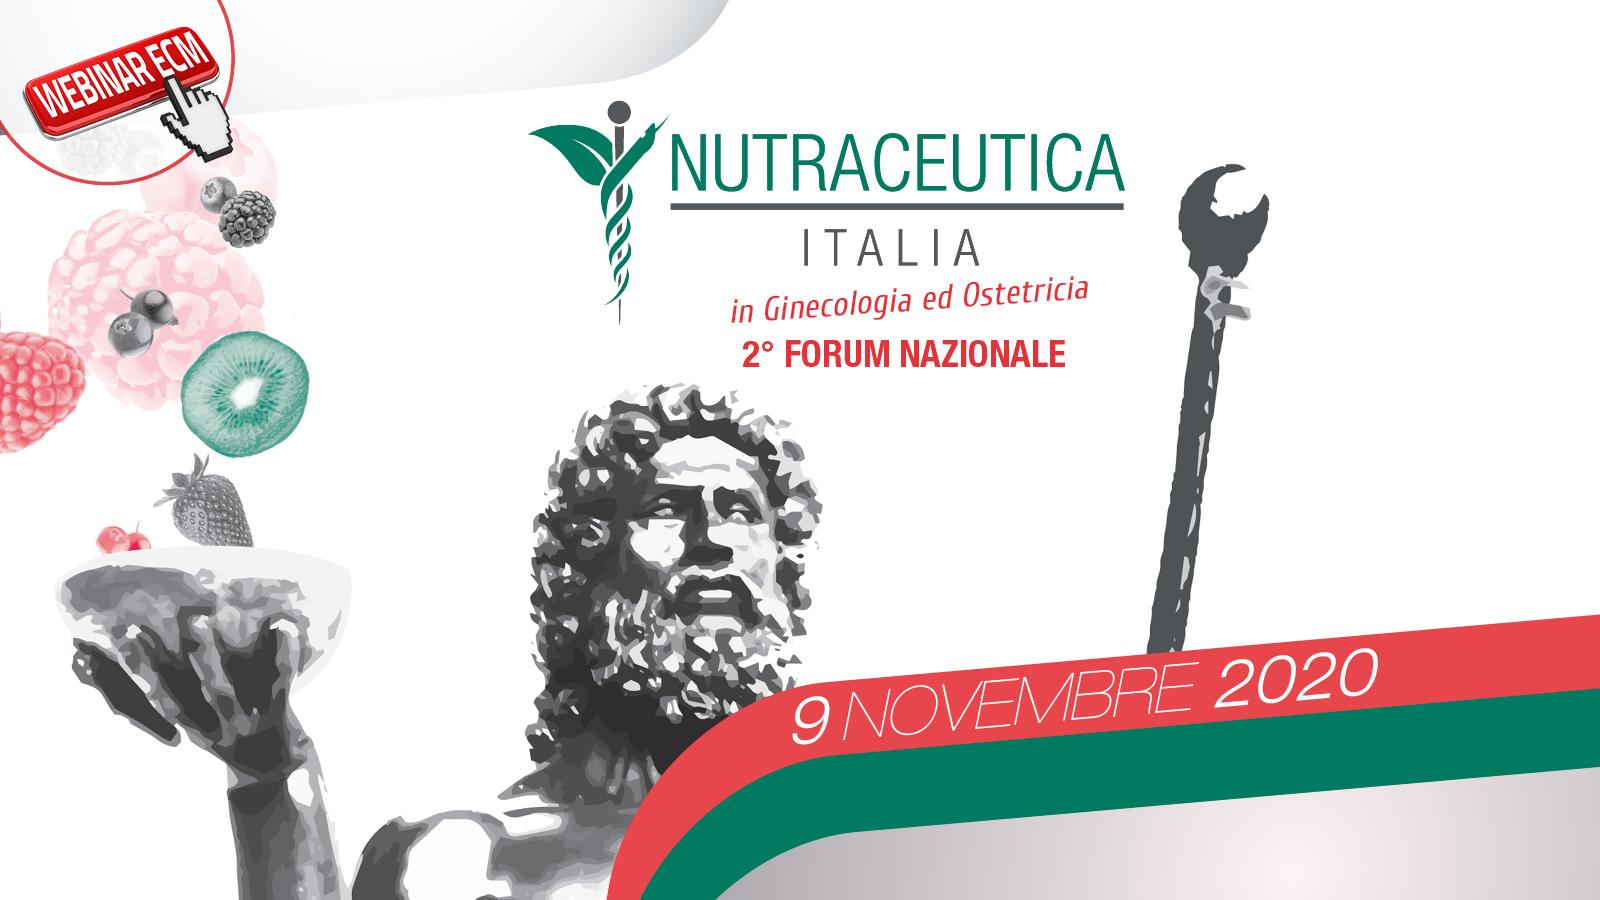 Nutraceutica Italia – in ginecologia ed ostetricia